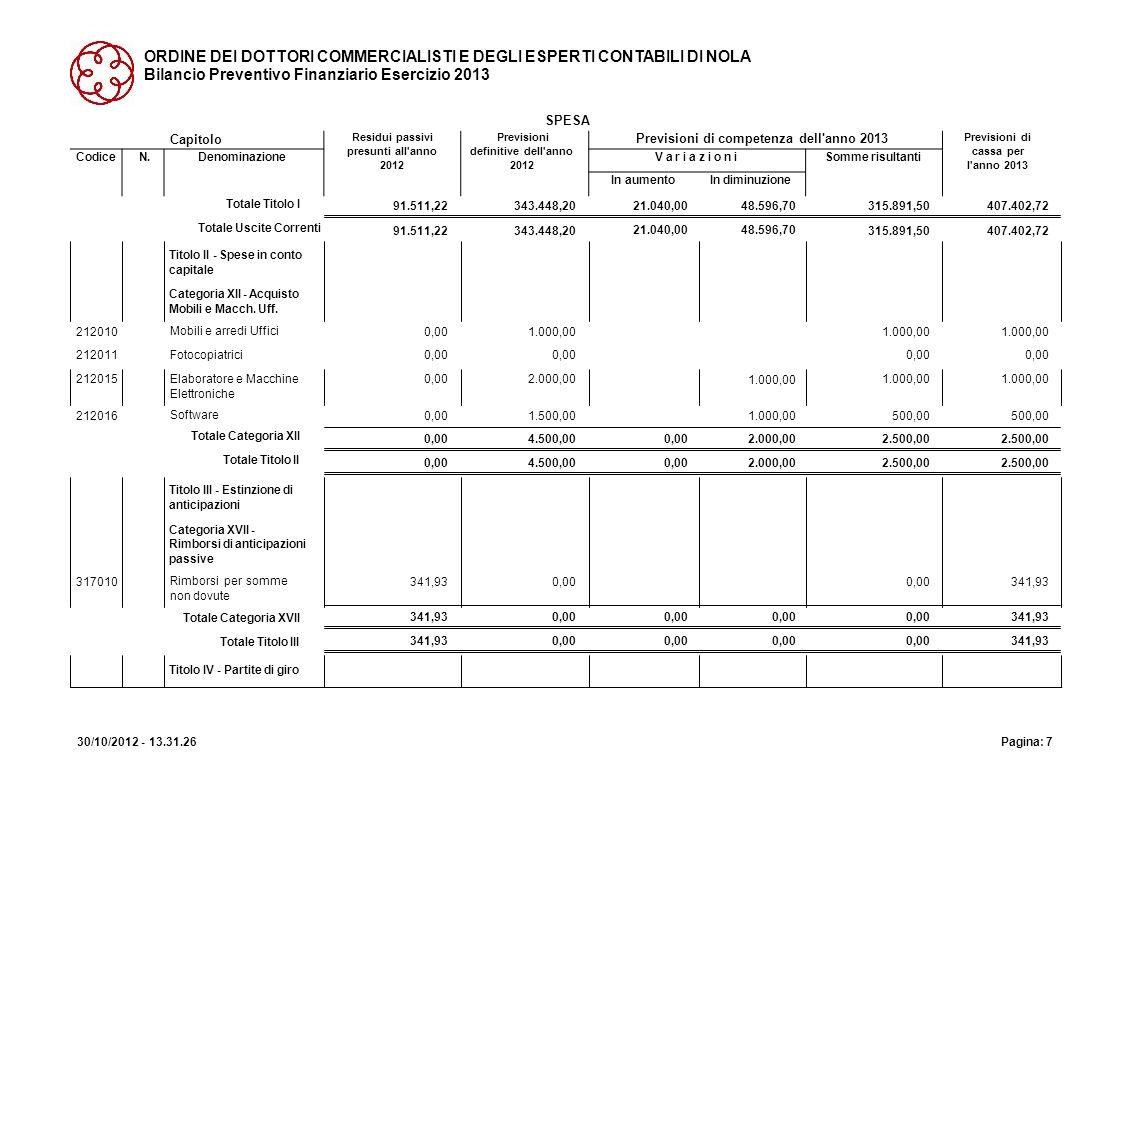 ORDINE DEI DOTTORI COMMERCIALISTI E DEGLI ESPERTI CONTABILI DI NOLA Bilancio Preventivo Finanziario Esercizio 2013 SPESA 91.511,22 Totale Titolo I Tot